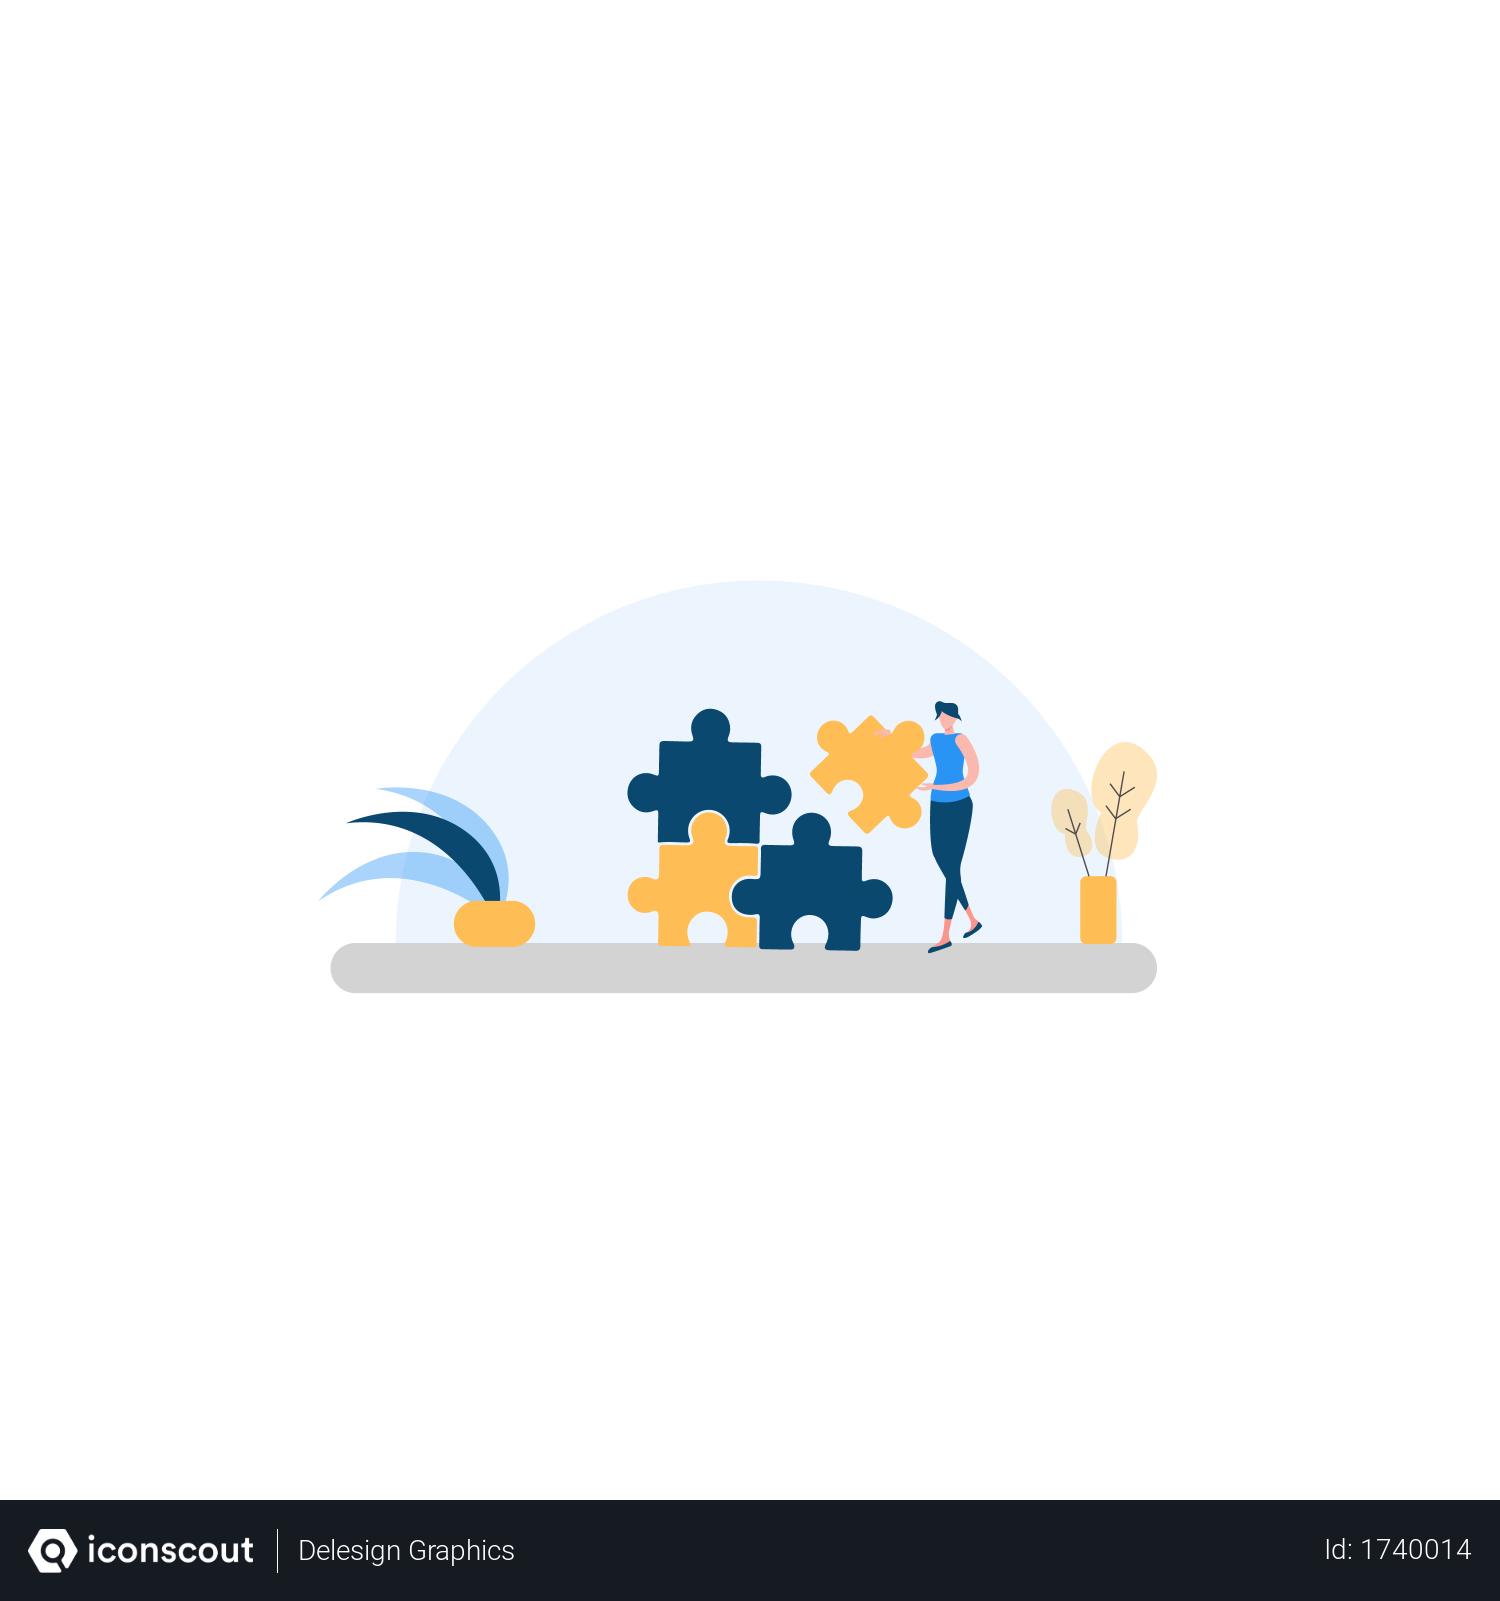 Free Problem Solving Illustration Download In Png Vector Format Problem Solving Free Problem Solving Illustration